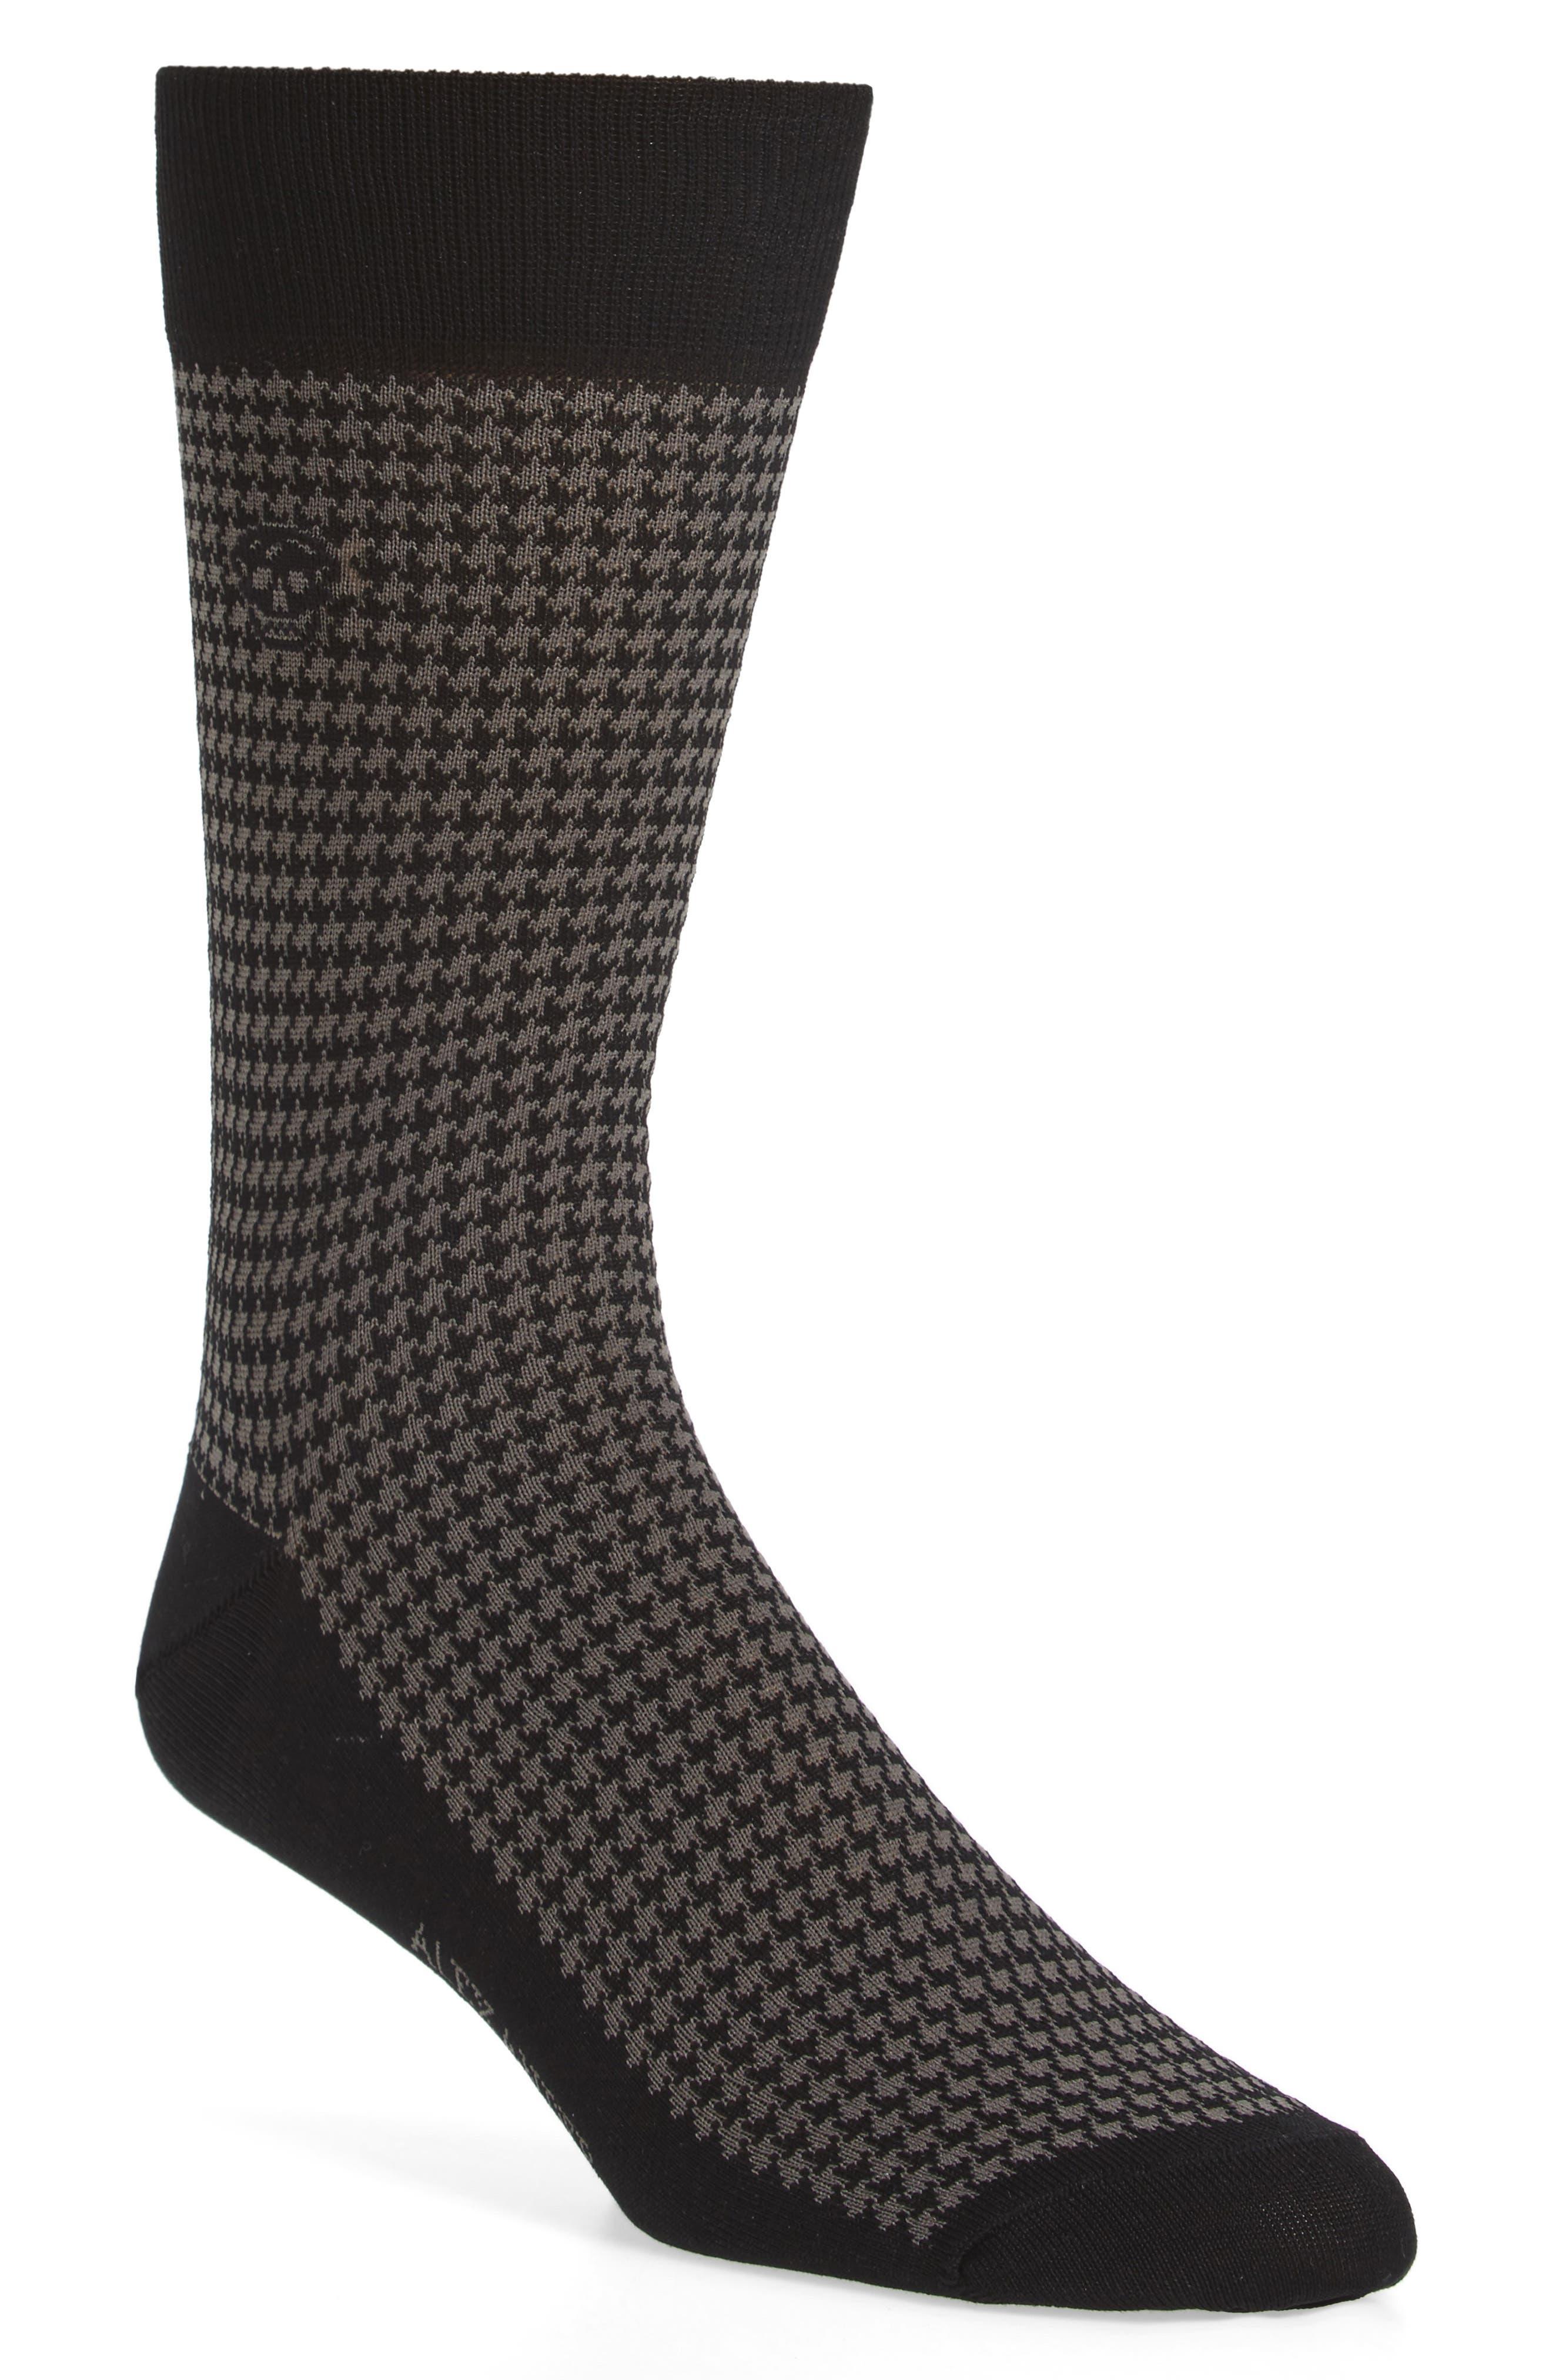 Cotton Blend Houndstooth Socks,                         Main,                         color, Black/ Dark Grey